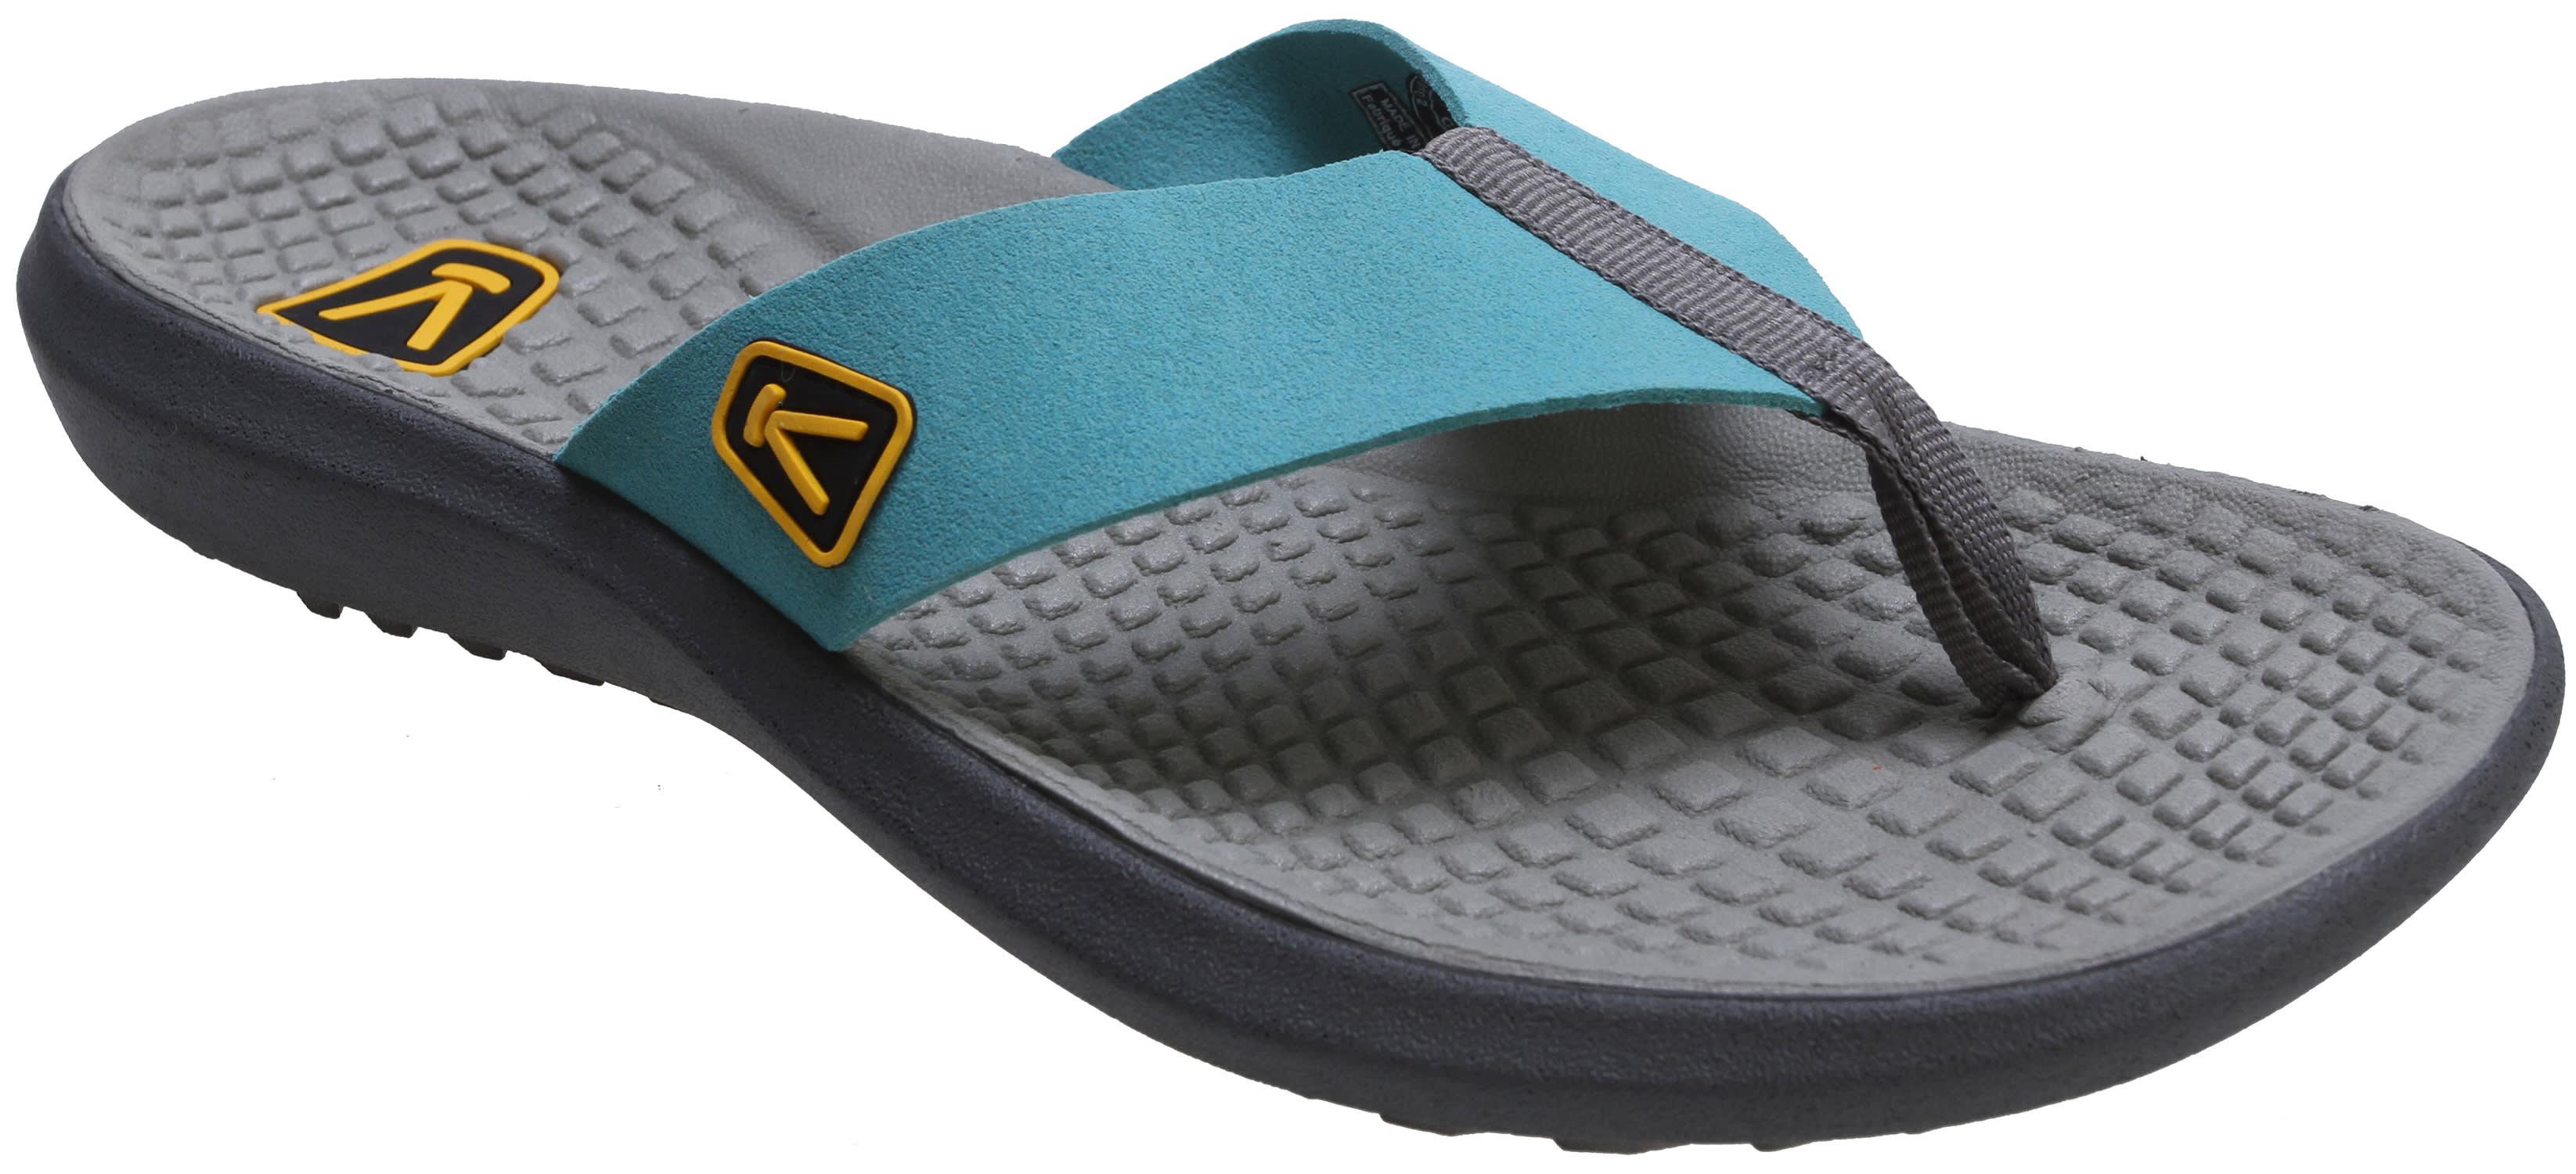 548534d6d63a Keen Class 5 Flip Sandals - thumbnail 2